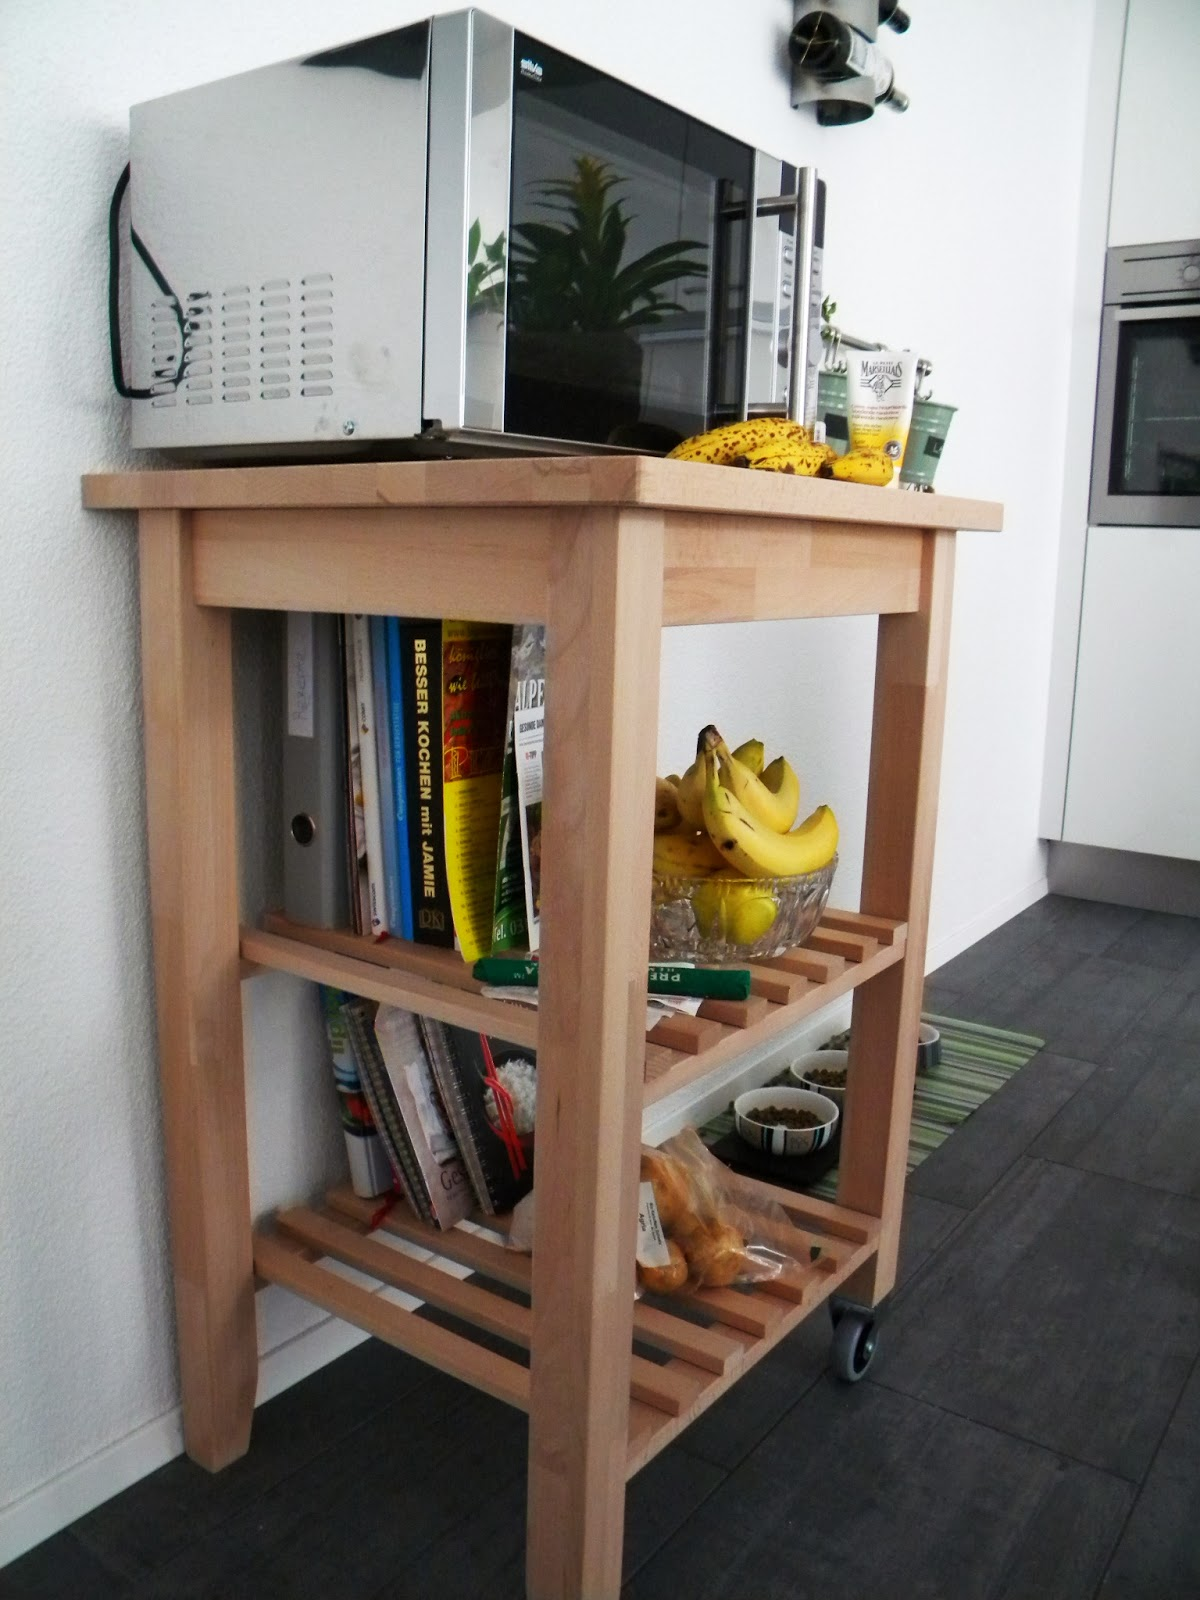 Ikea Lasur i colors schlicht zu edel ikea bekväm